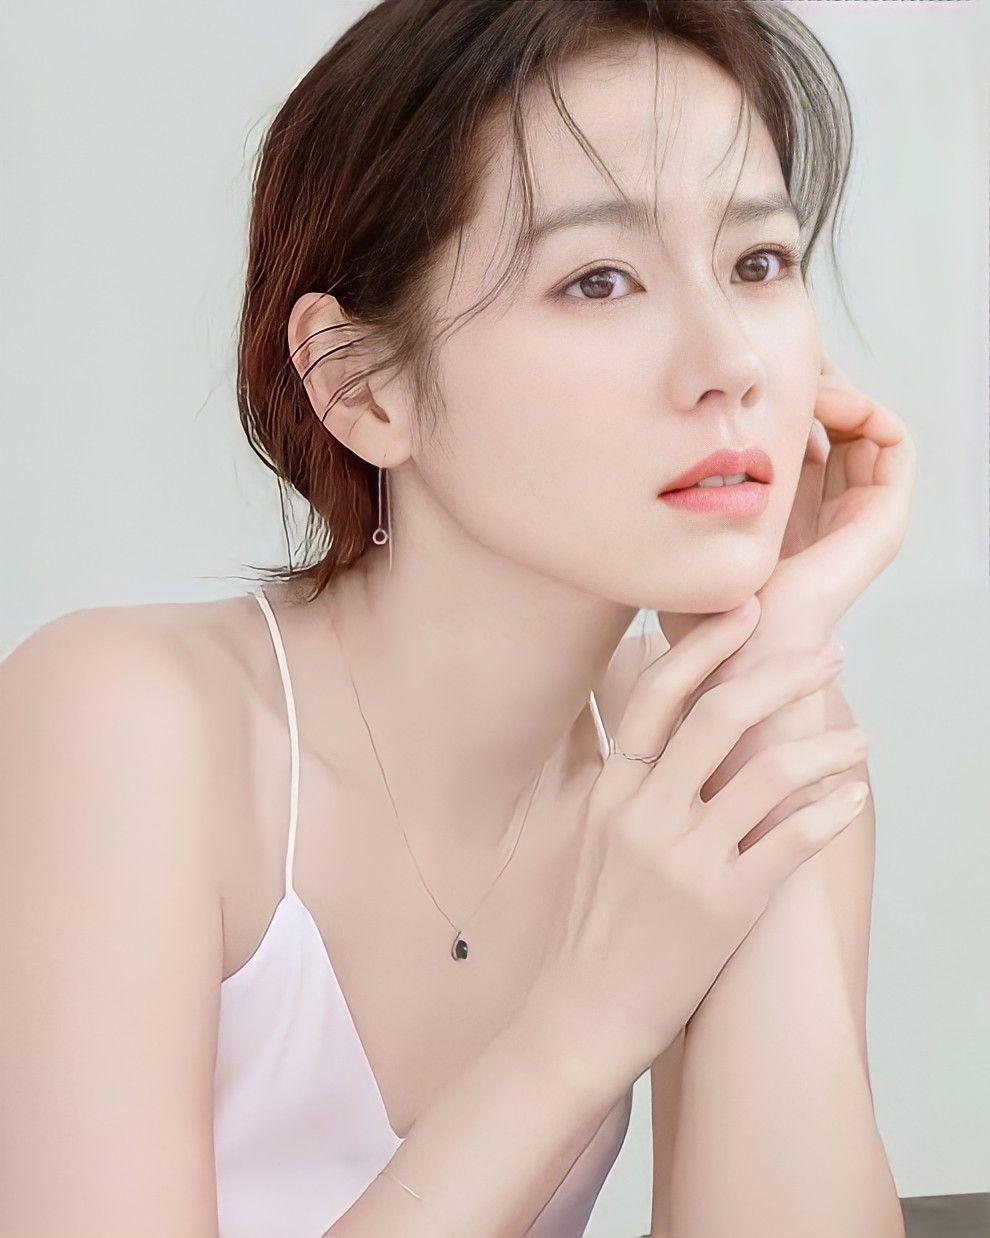 8 mỹ nhân hack tuổi thần sầu của phim Hàn: Son Ye Jin trẻ mãi không già, Jang Nara như ăn thịt Đường Tăng - Ảnh 2.